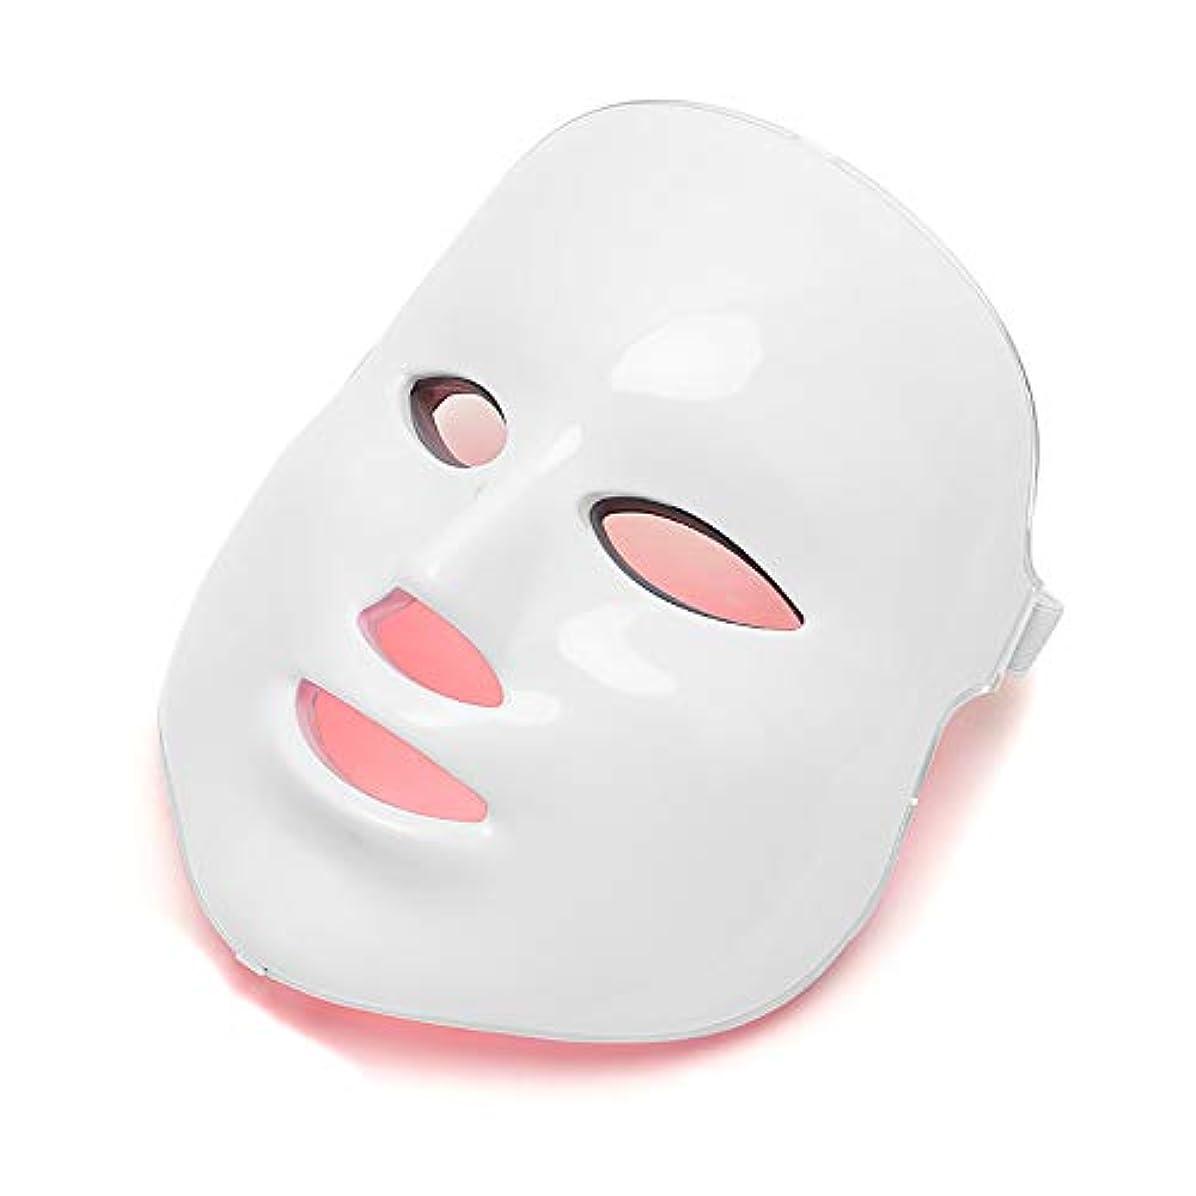 シルク栄光特異なフェイス光線療法フェイシャルスキンケアマスクLED 7色フェイシャルマスク、スキントーニングしわのためのLEDライトは調色、しわにきび治療を締め付け、アンチエイジングを削除します